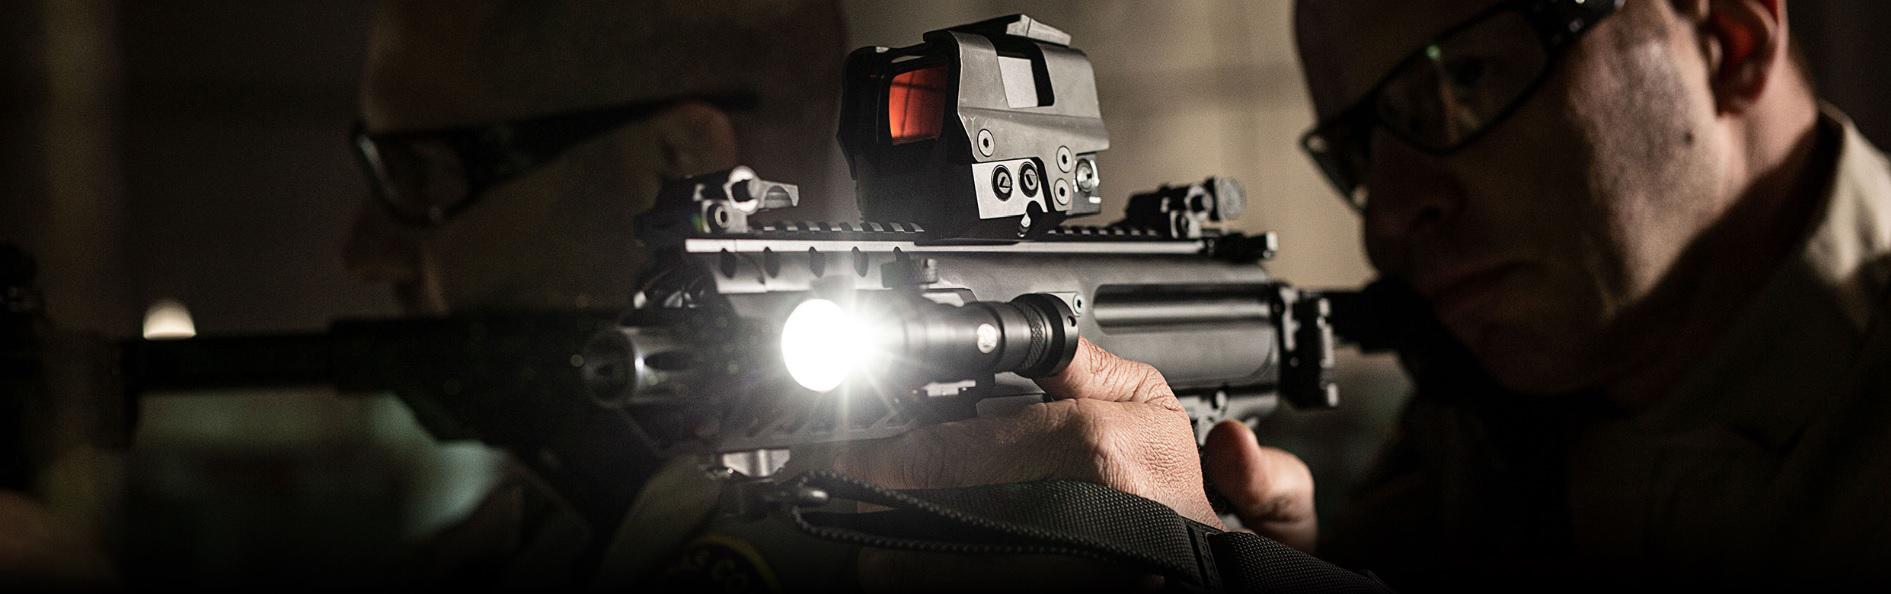 SUREFIRE-M300C-SCOUT-LIGHT-BANNER